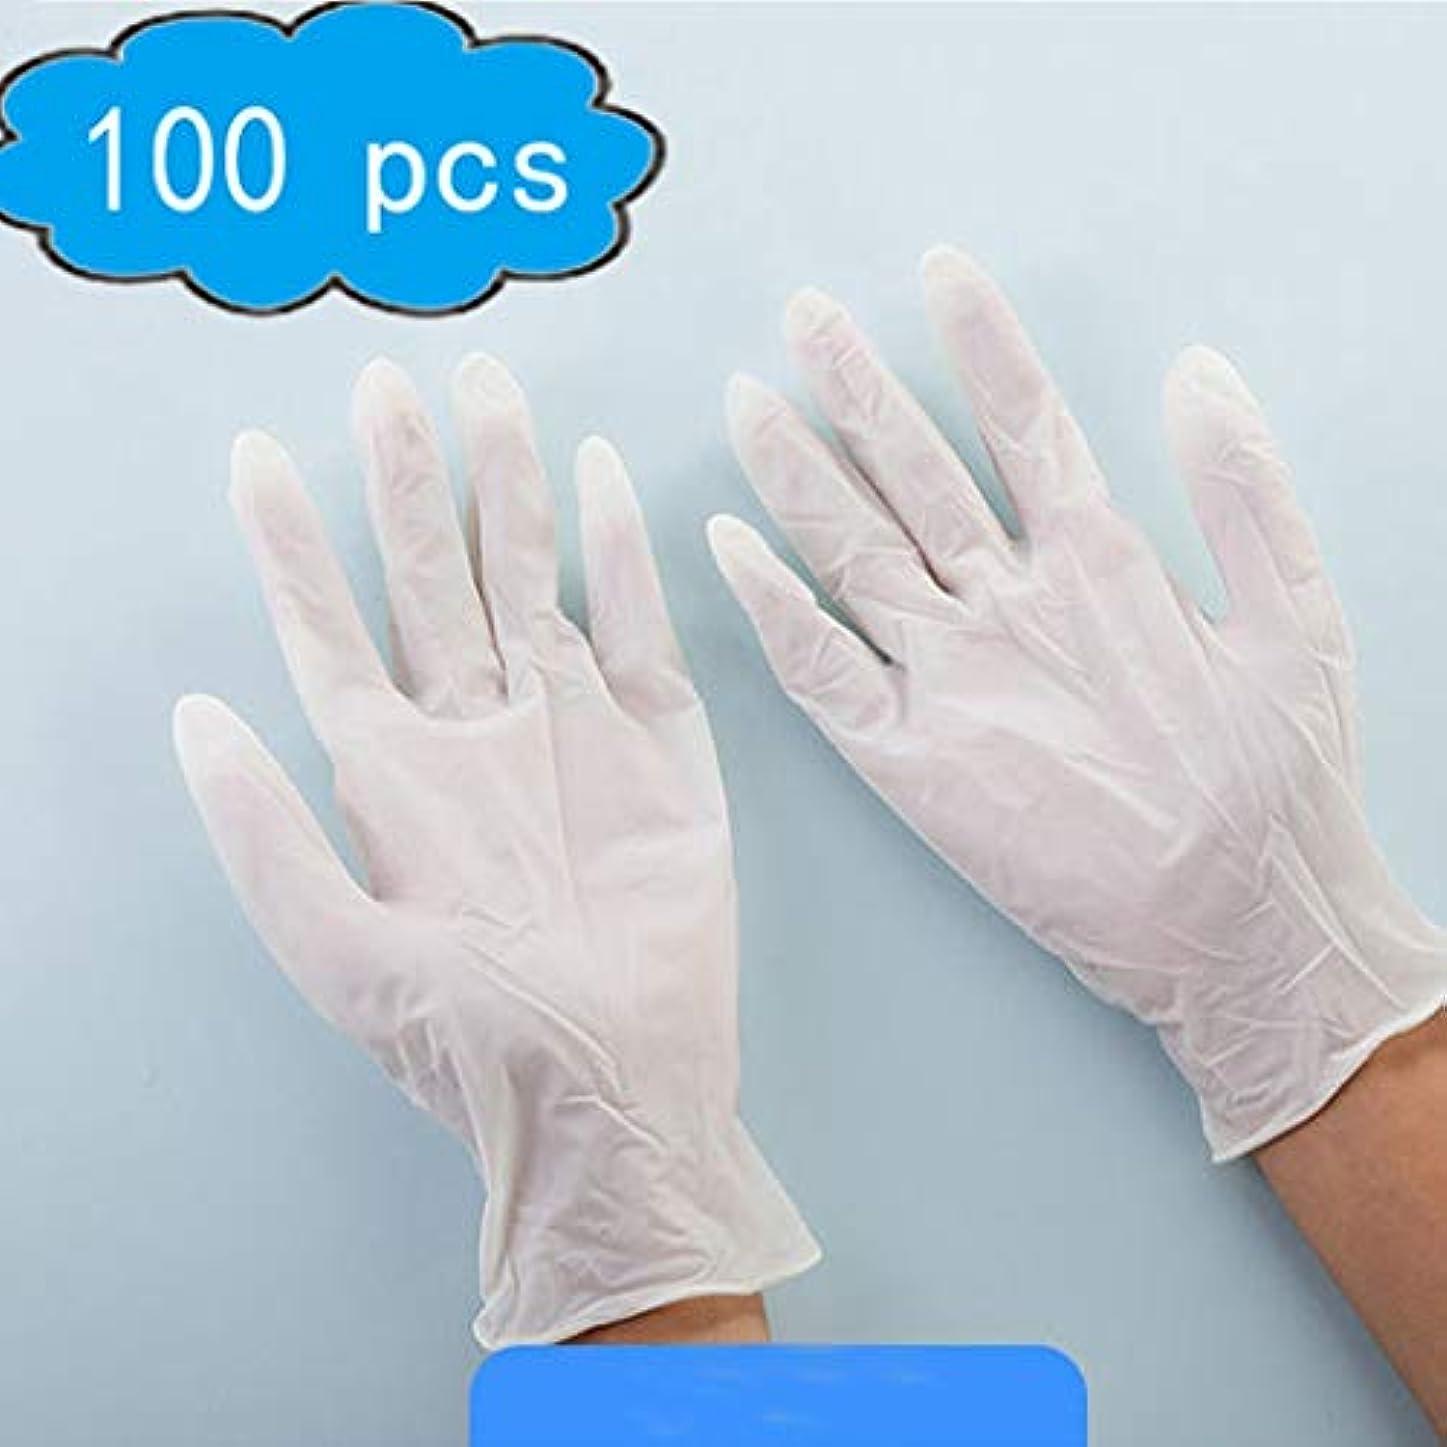 魔法ウールインレイ使い捨て手袋、厚手版、白い粉のない使い捨てニトリル手袋[100パック] - 大、サニタリー手袋、応急処置用品 (Color : White, Size : S)